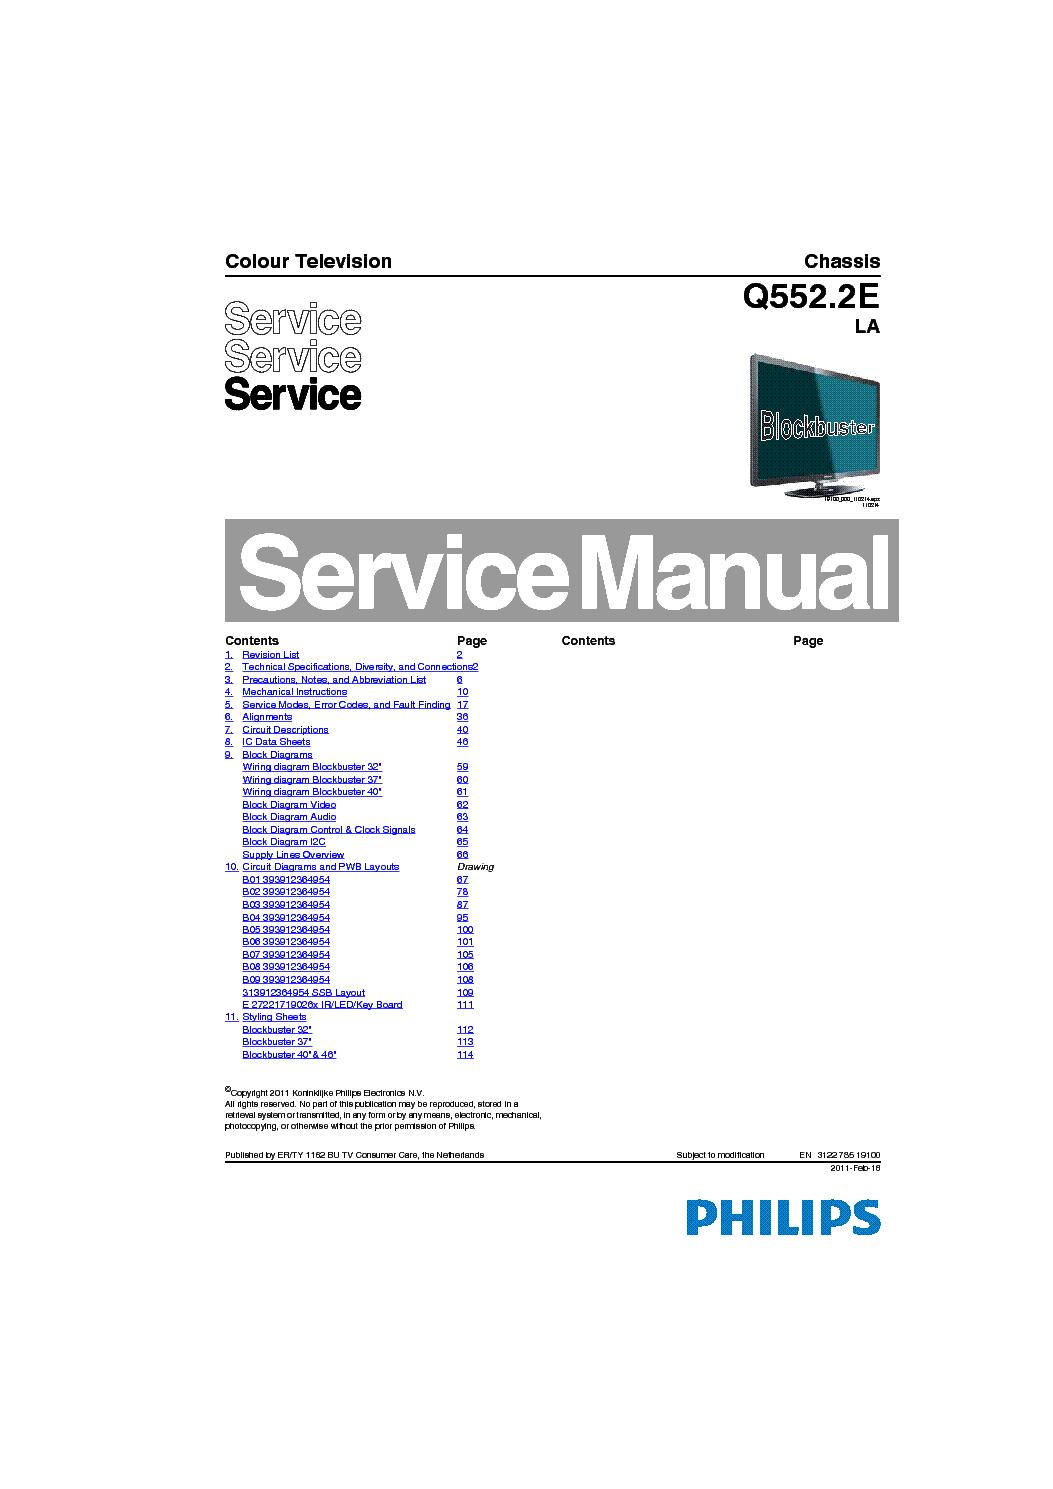 Philips 40pfl6606h 12 Chassis Q552 2e